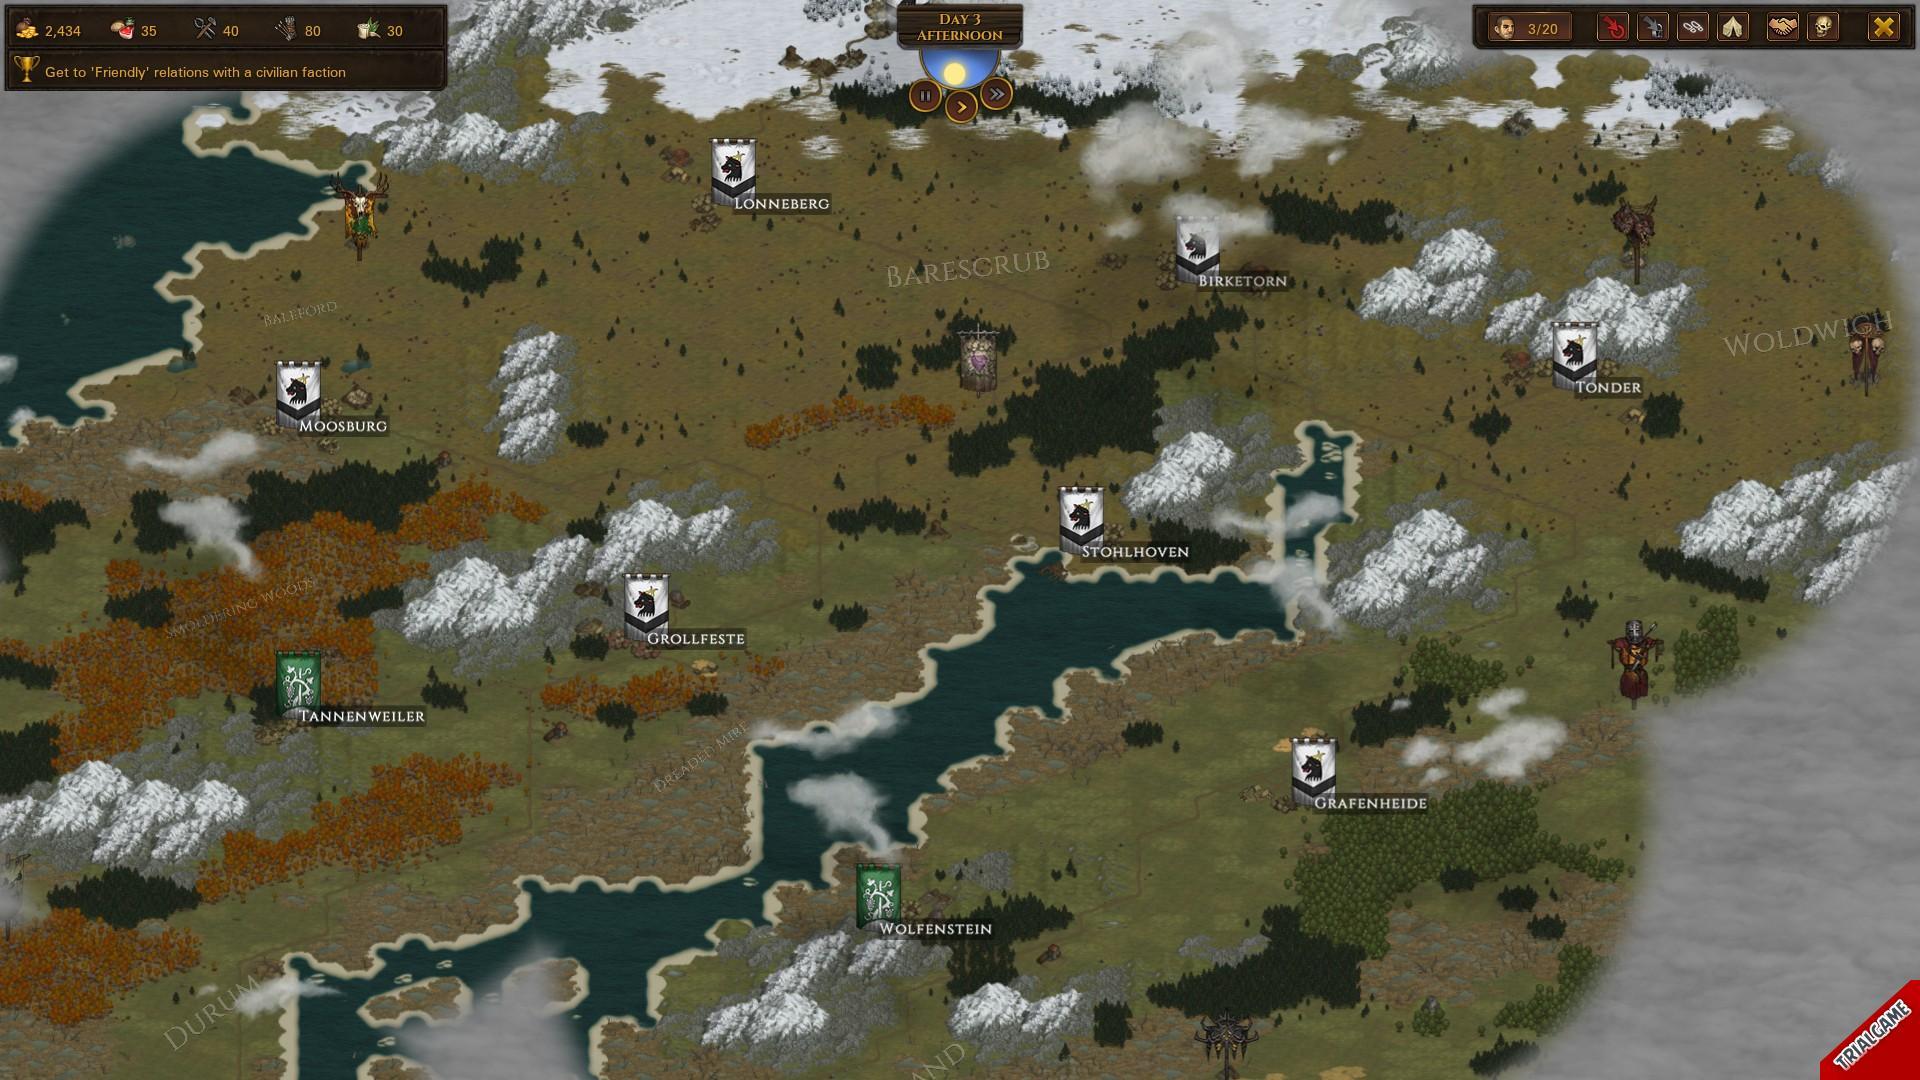 تصاویری از محیط بازی Battle Brothers